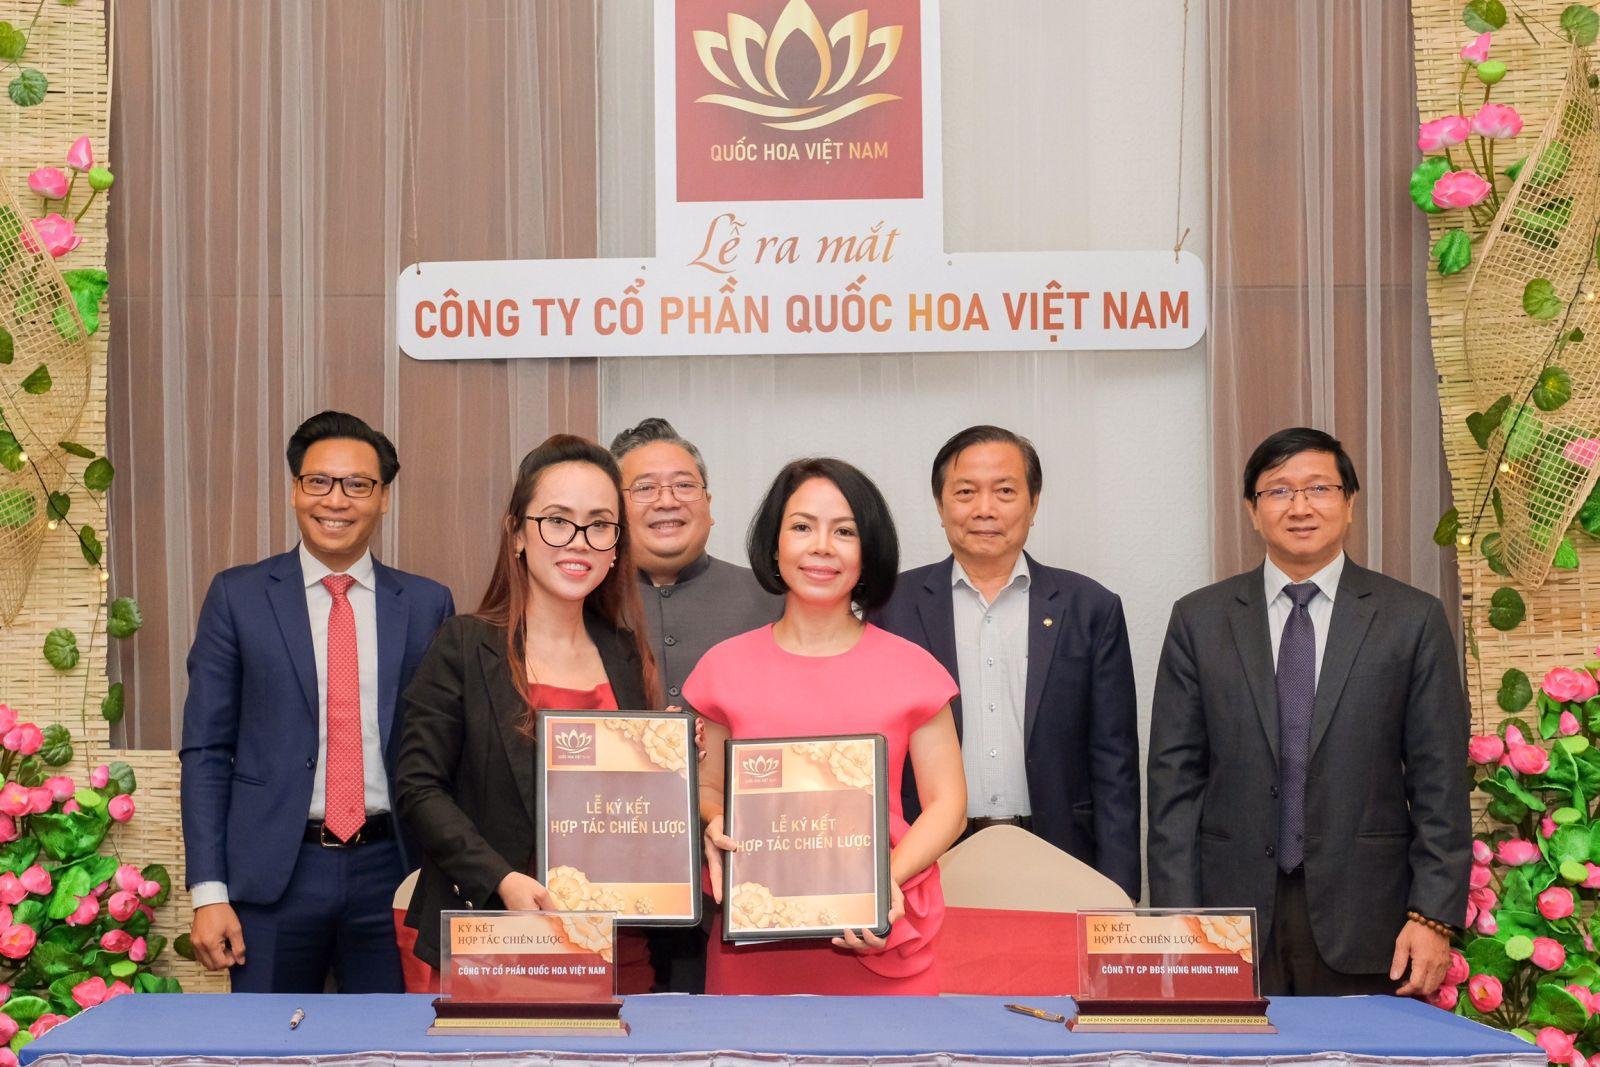 Lễ ký kết hợp tác giữa đại diện Công ty CP Quốc Hoa Việt Nam và Tập đoàn Hưng Hưng Thịnh